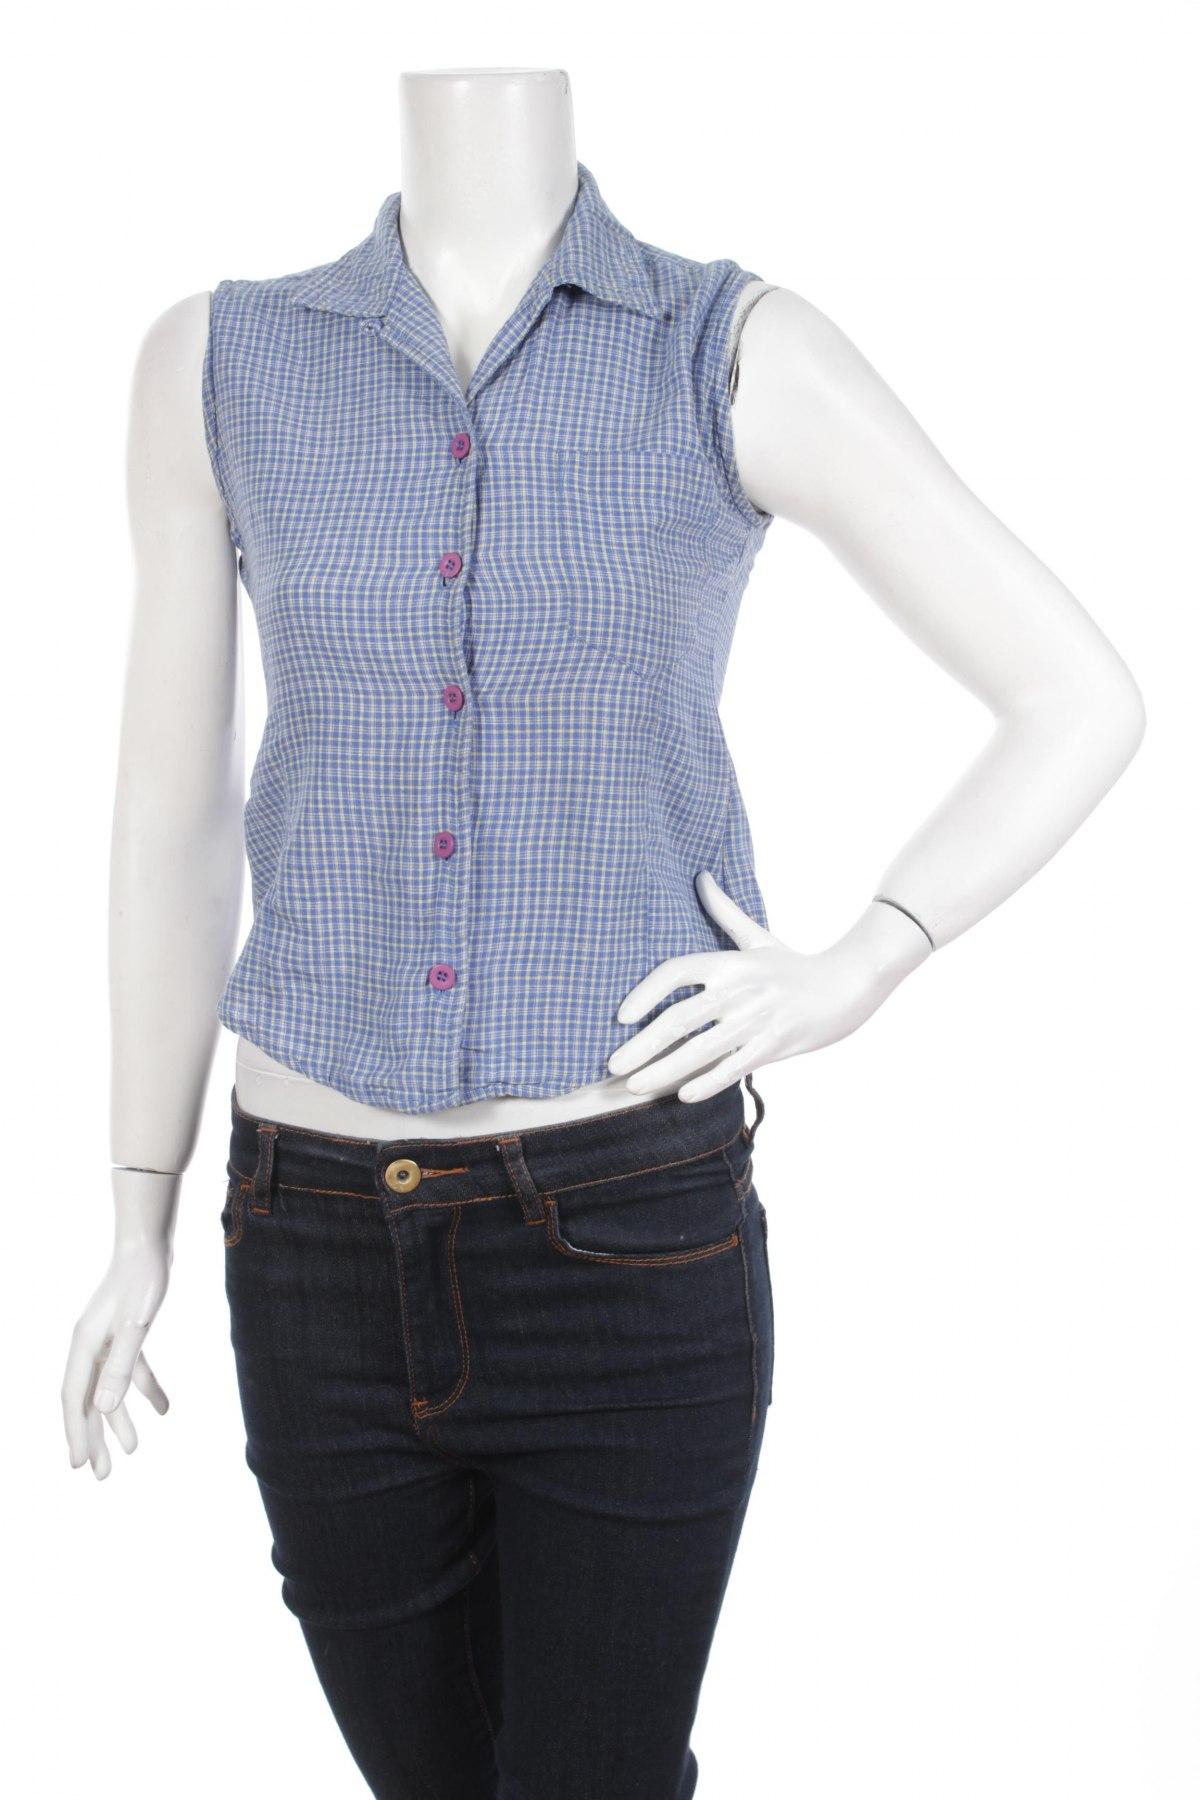 Γυναικείο πουκάμισο Colours Of The World, Μέγεθος S, Χρώμα Μπλέ, Βαμβάκι, Τιμή 9,79€